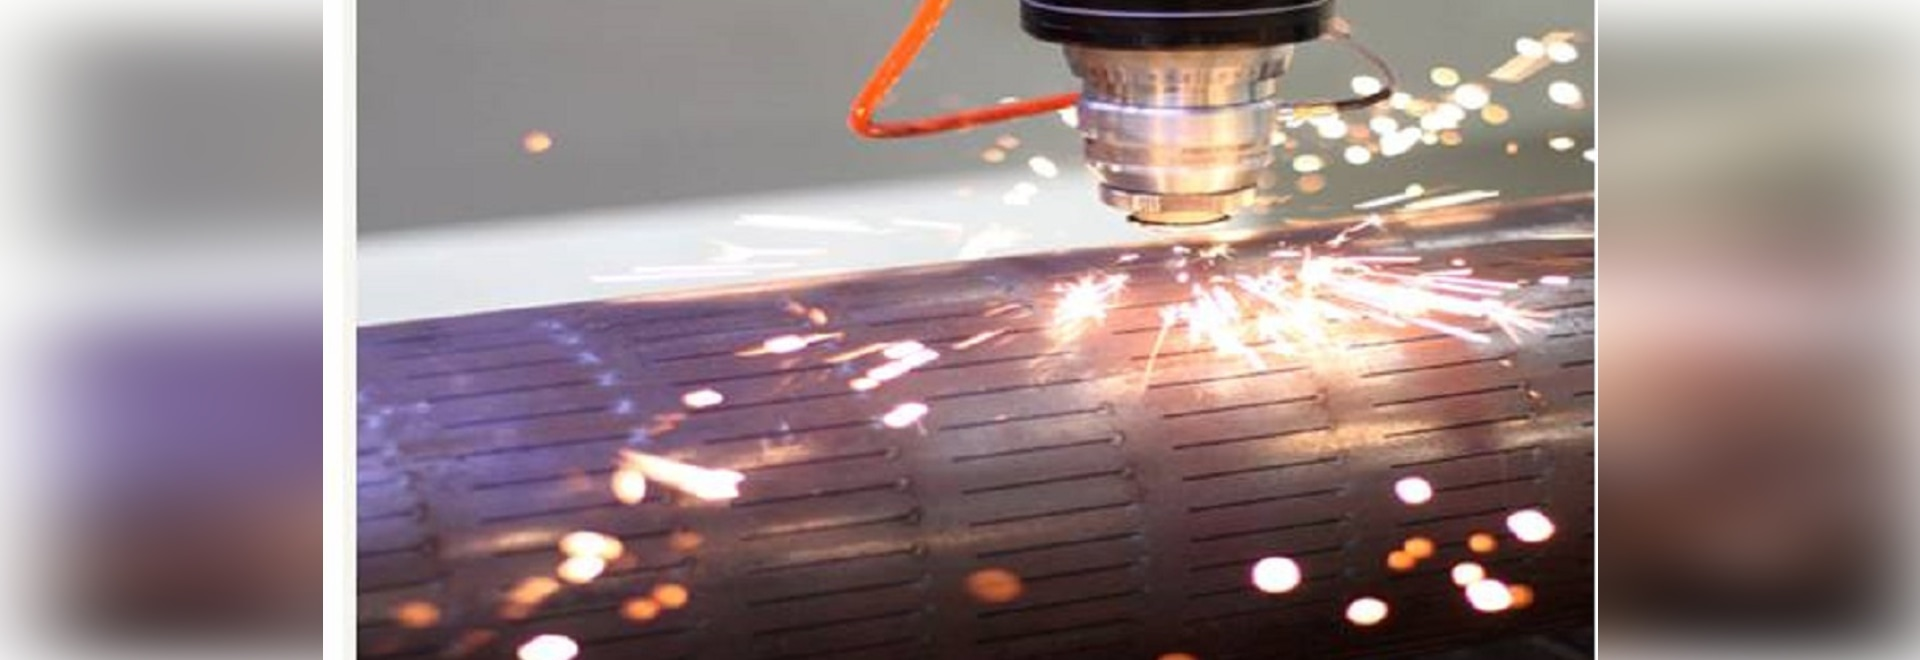 Laser applied in oil Industry